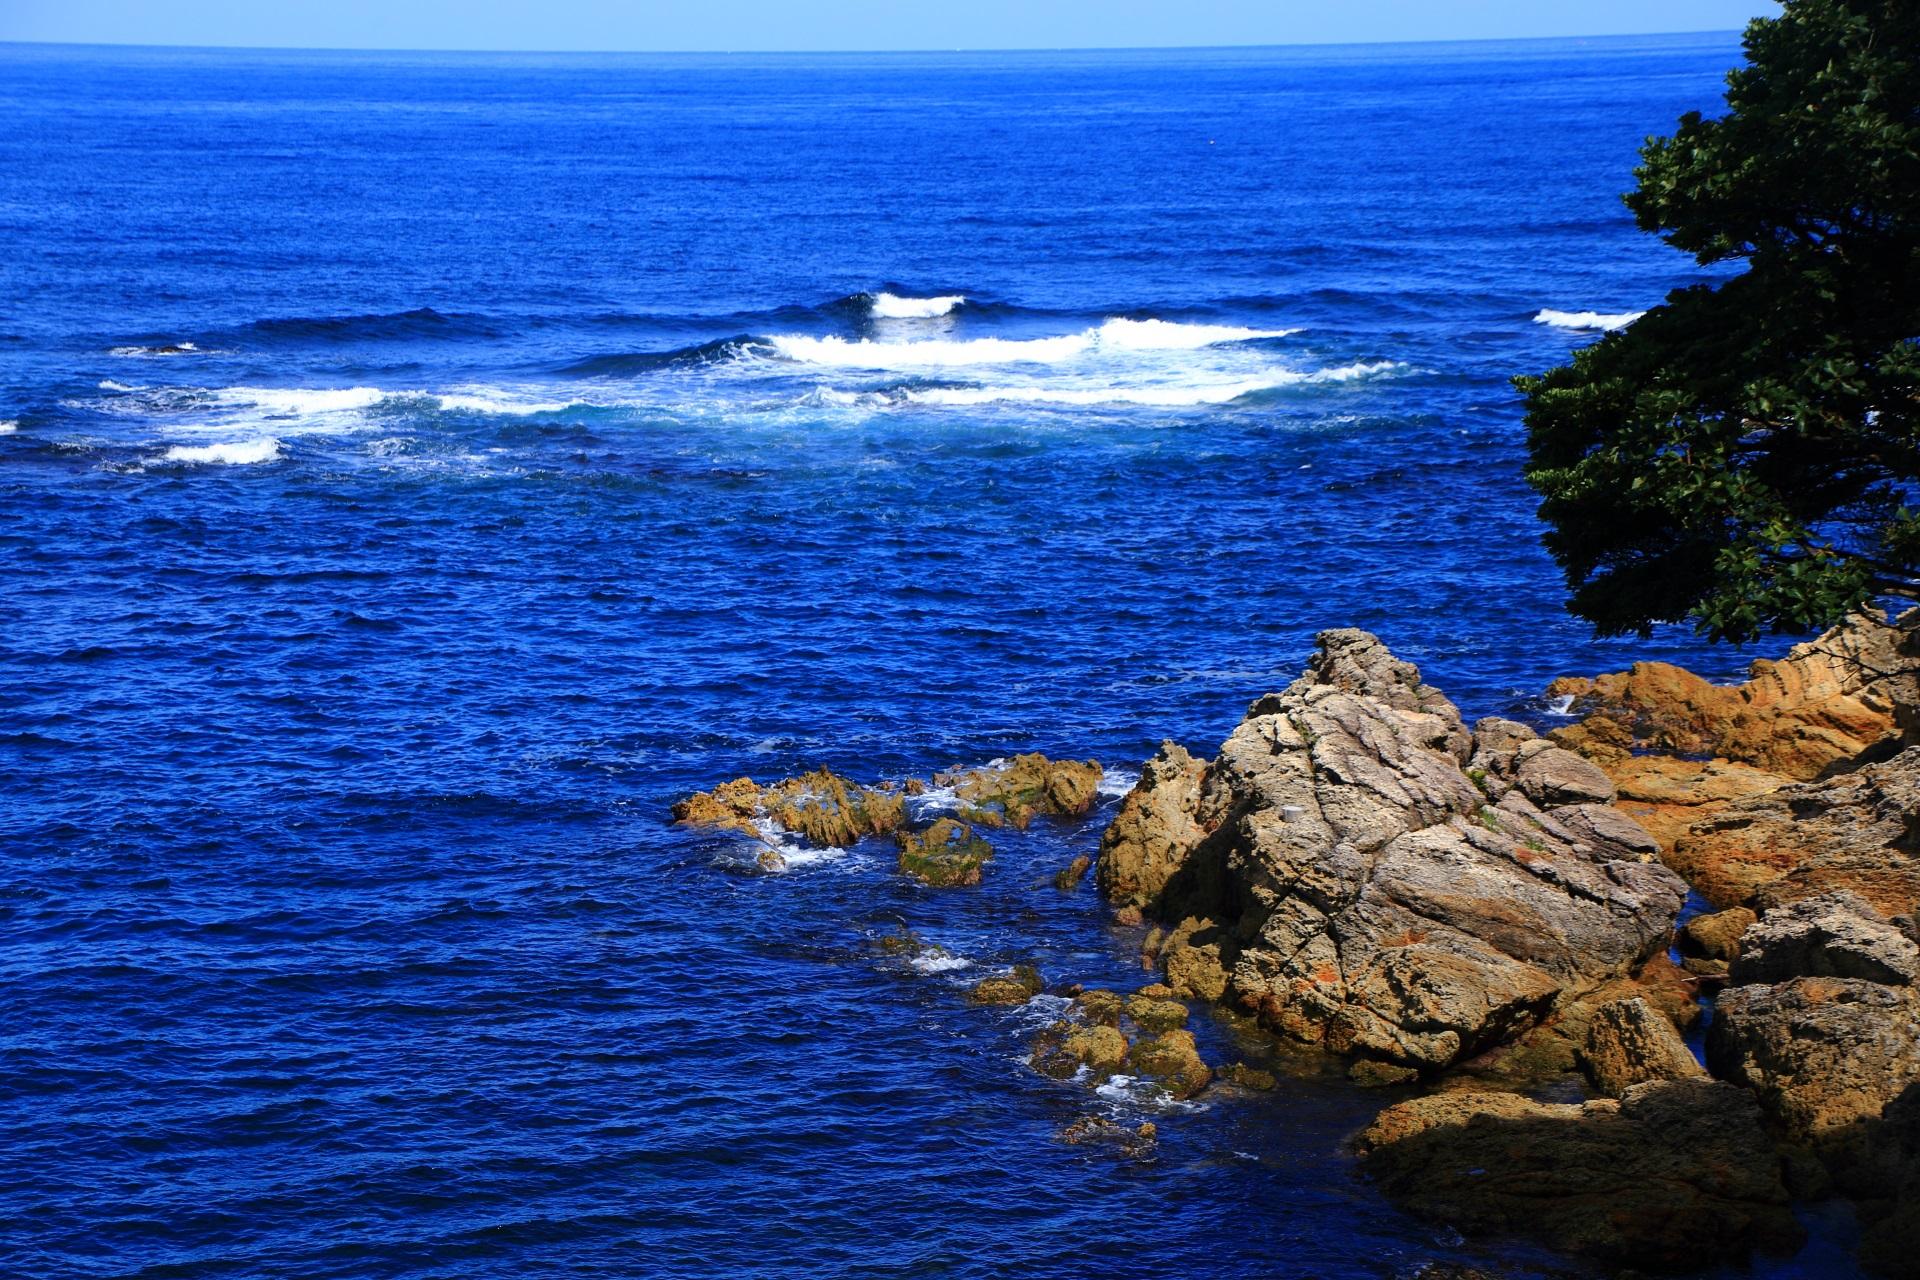 広がる青い日本海と大きな岩